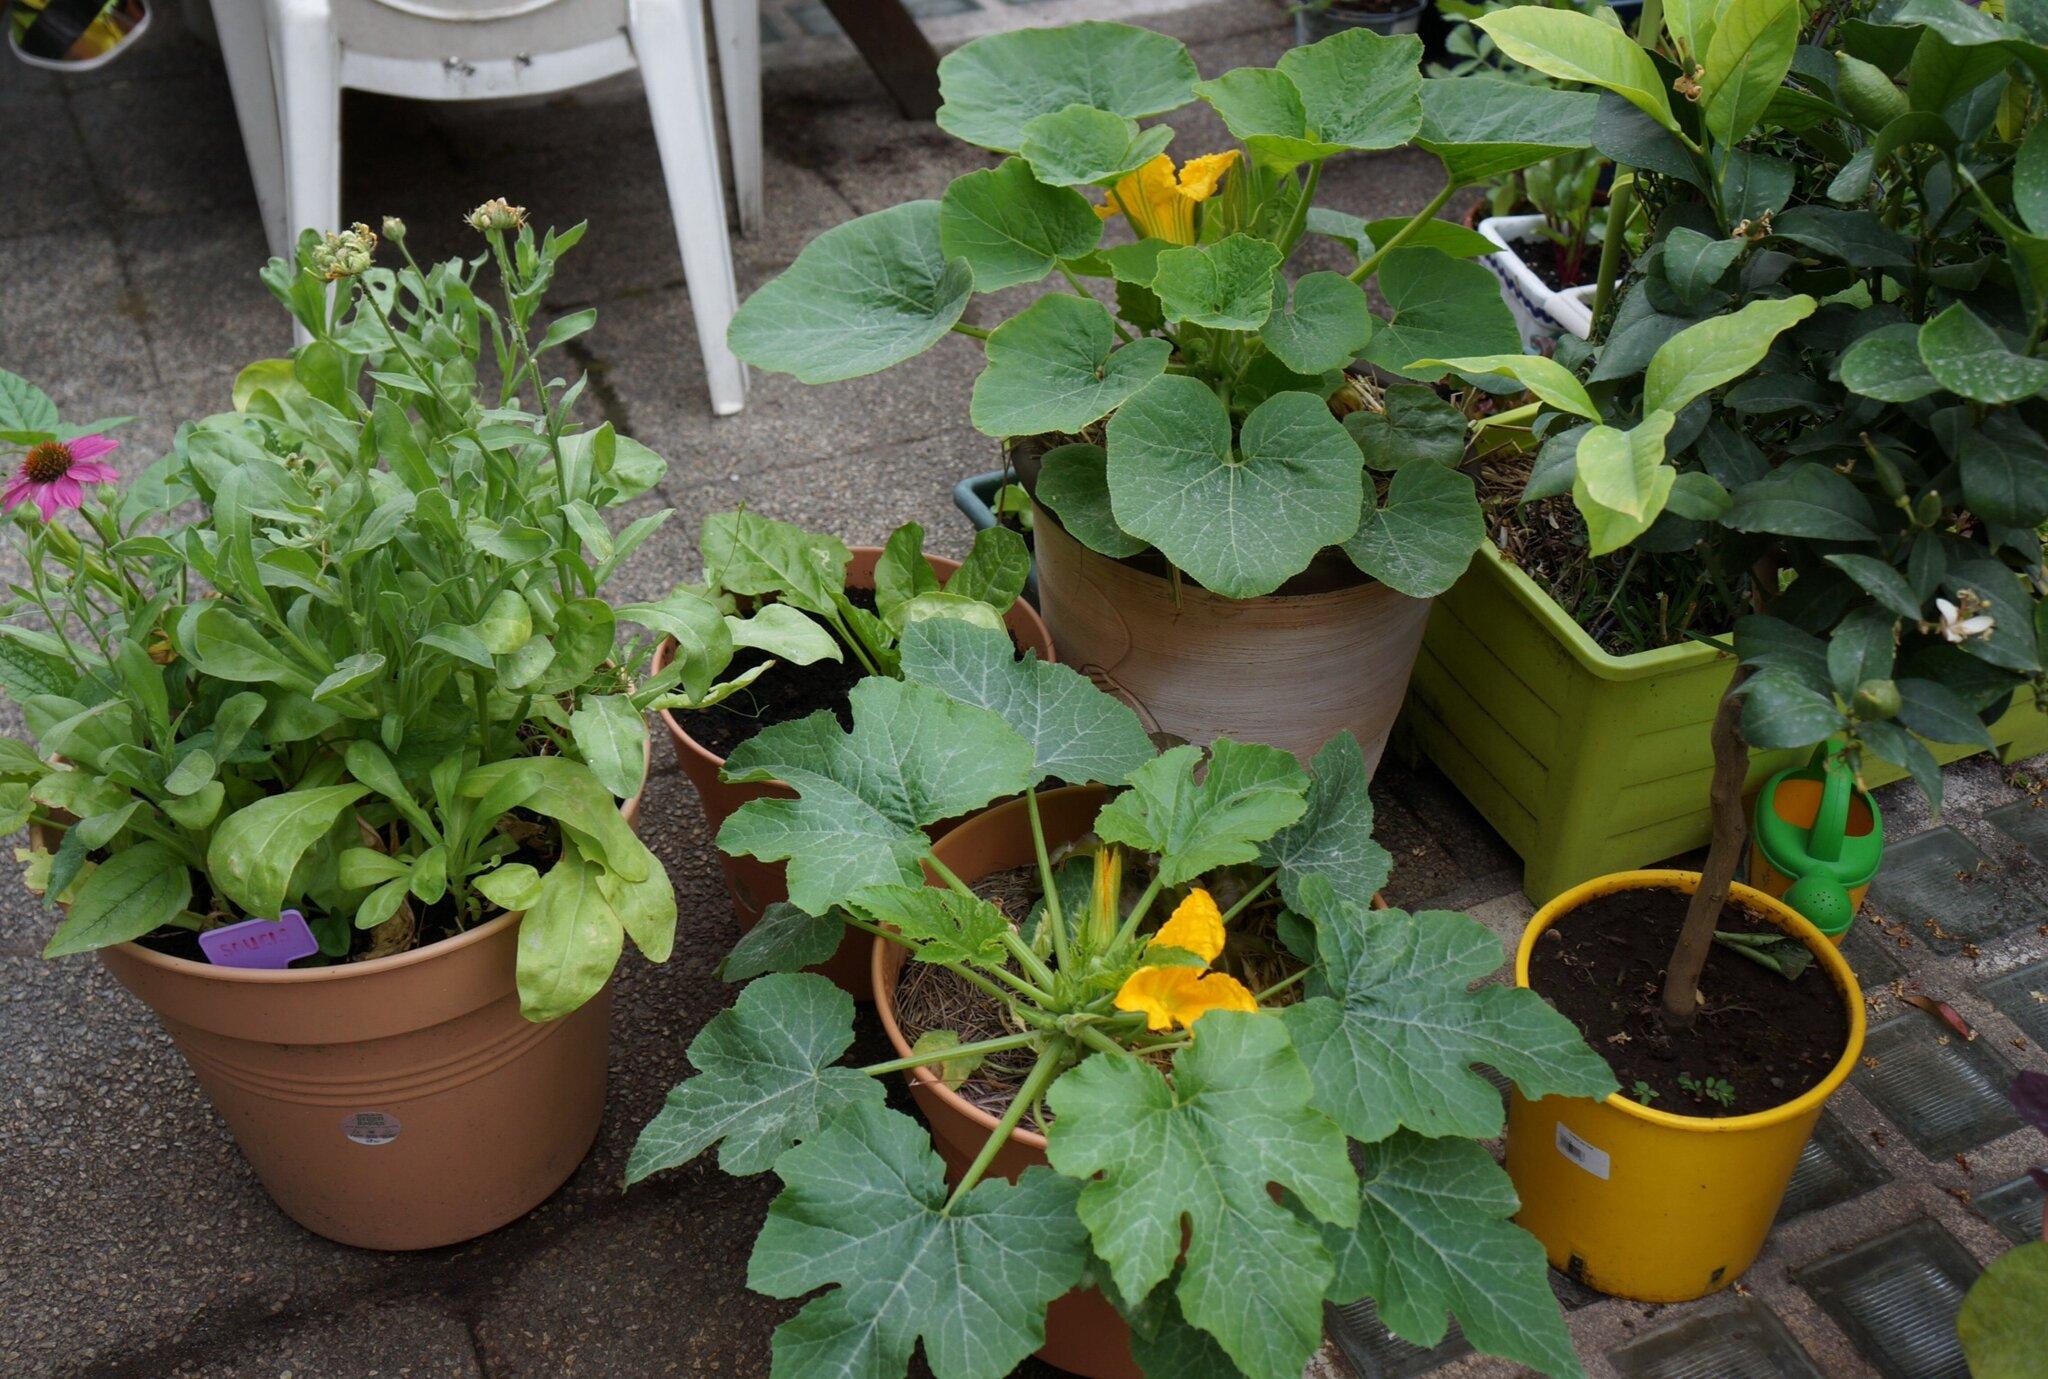 Caf terrasse du potager carr aux buttes potag res peut tre un jour - Salade a couper qui repousse ...